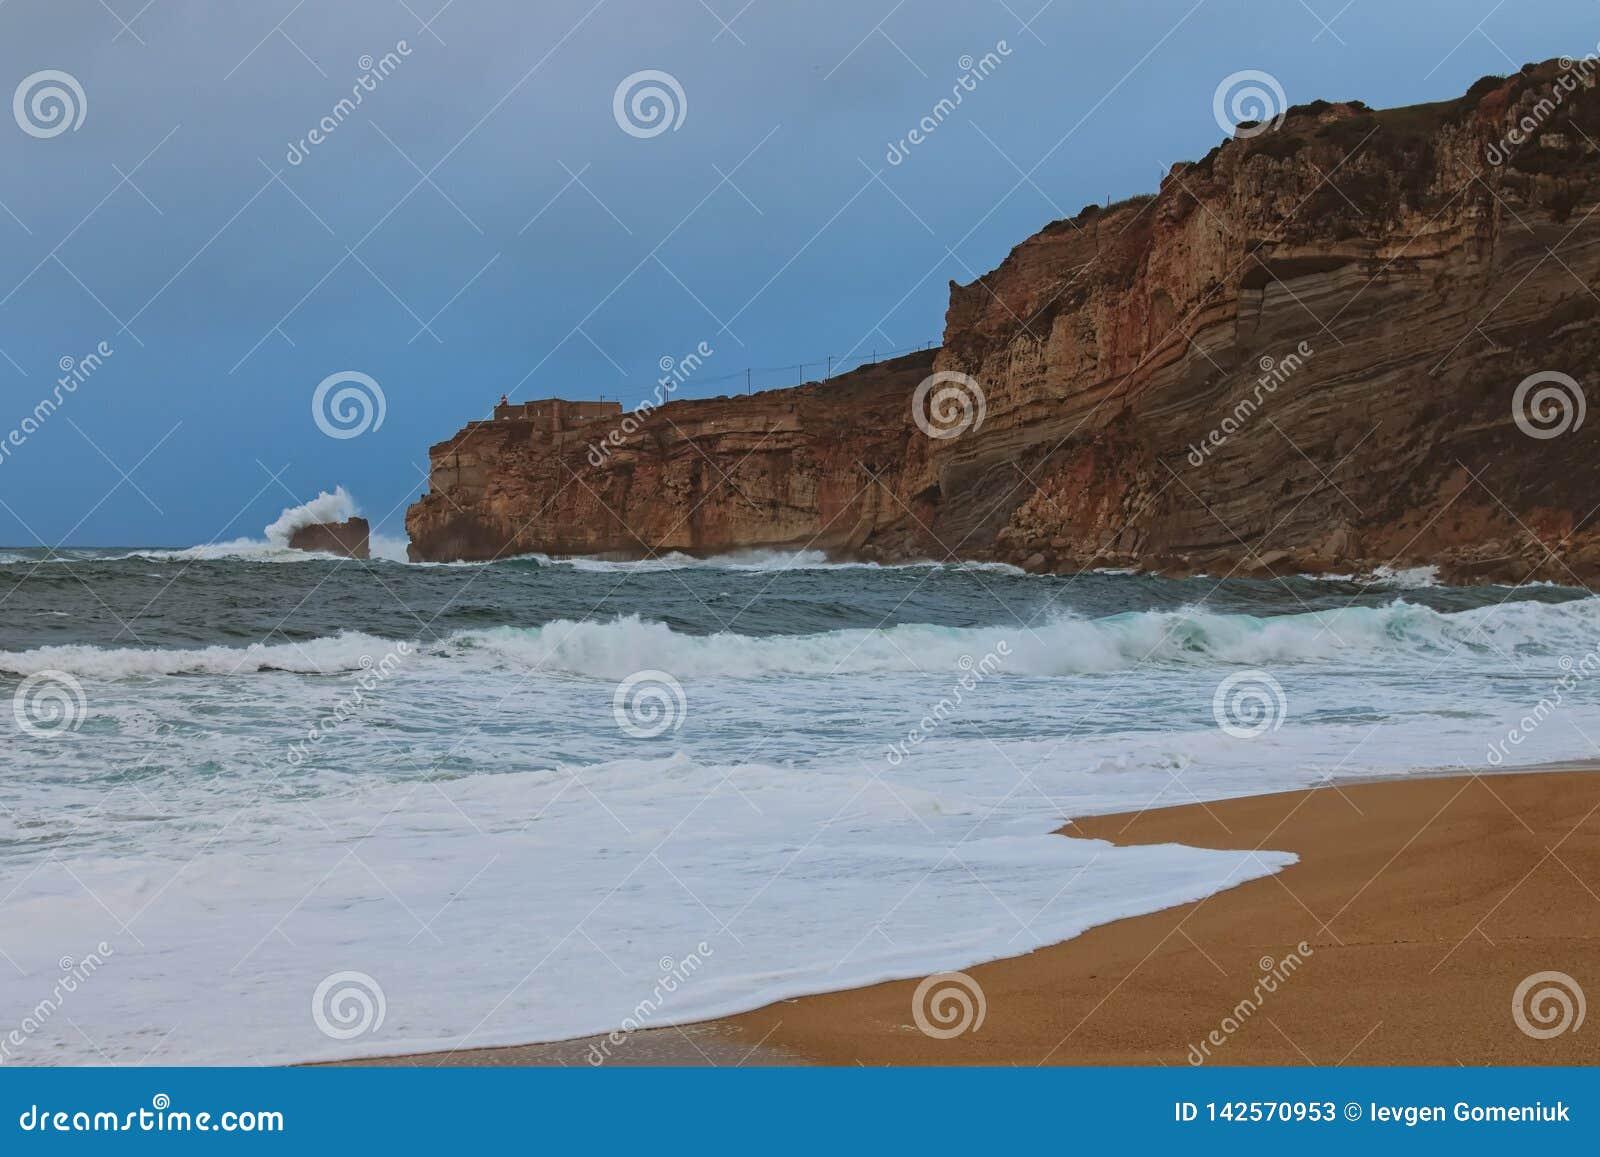 Zadziwiaj?cy krajobrazowy widok burzowy Atlantycki ocean blisko s?awnego turystycznego miasta Nazare Du?e fal przerwy o malownicz